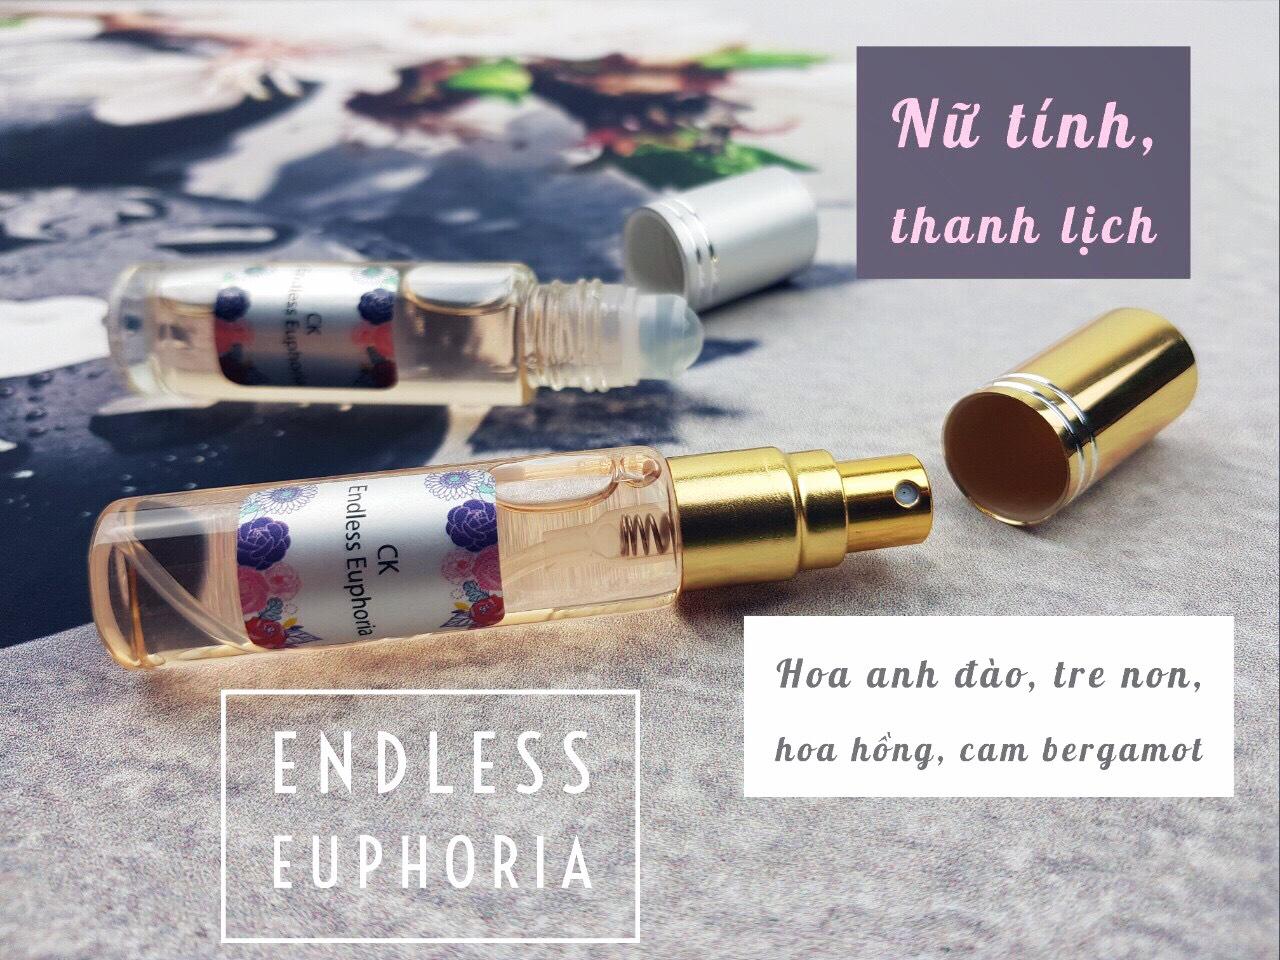 endless euphoria